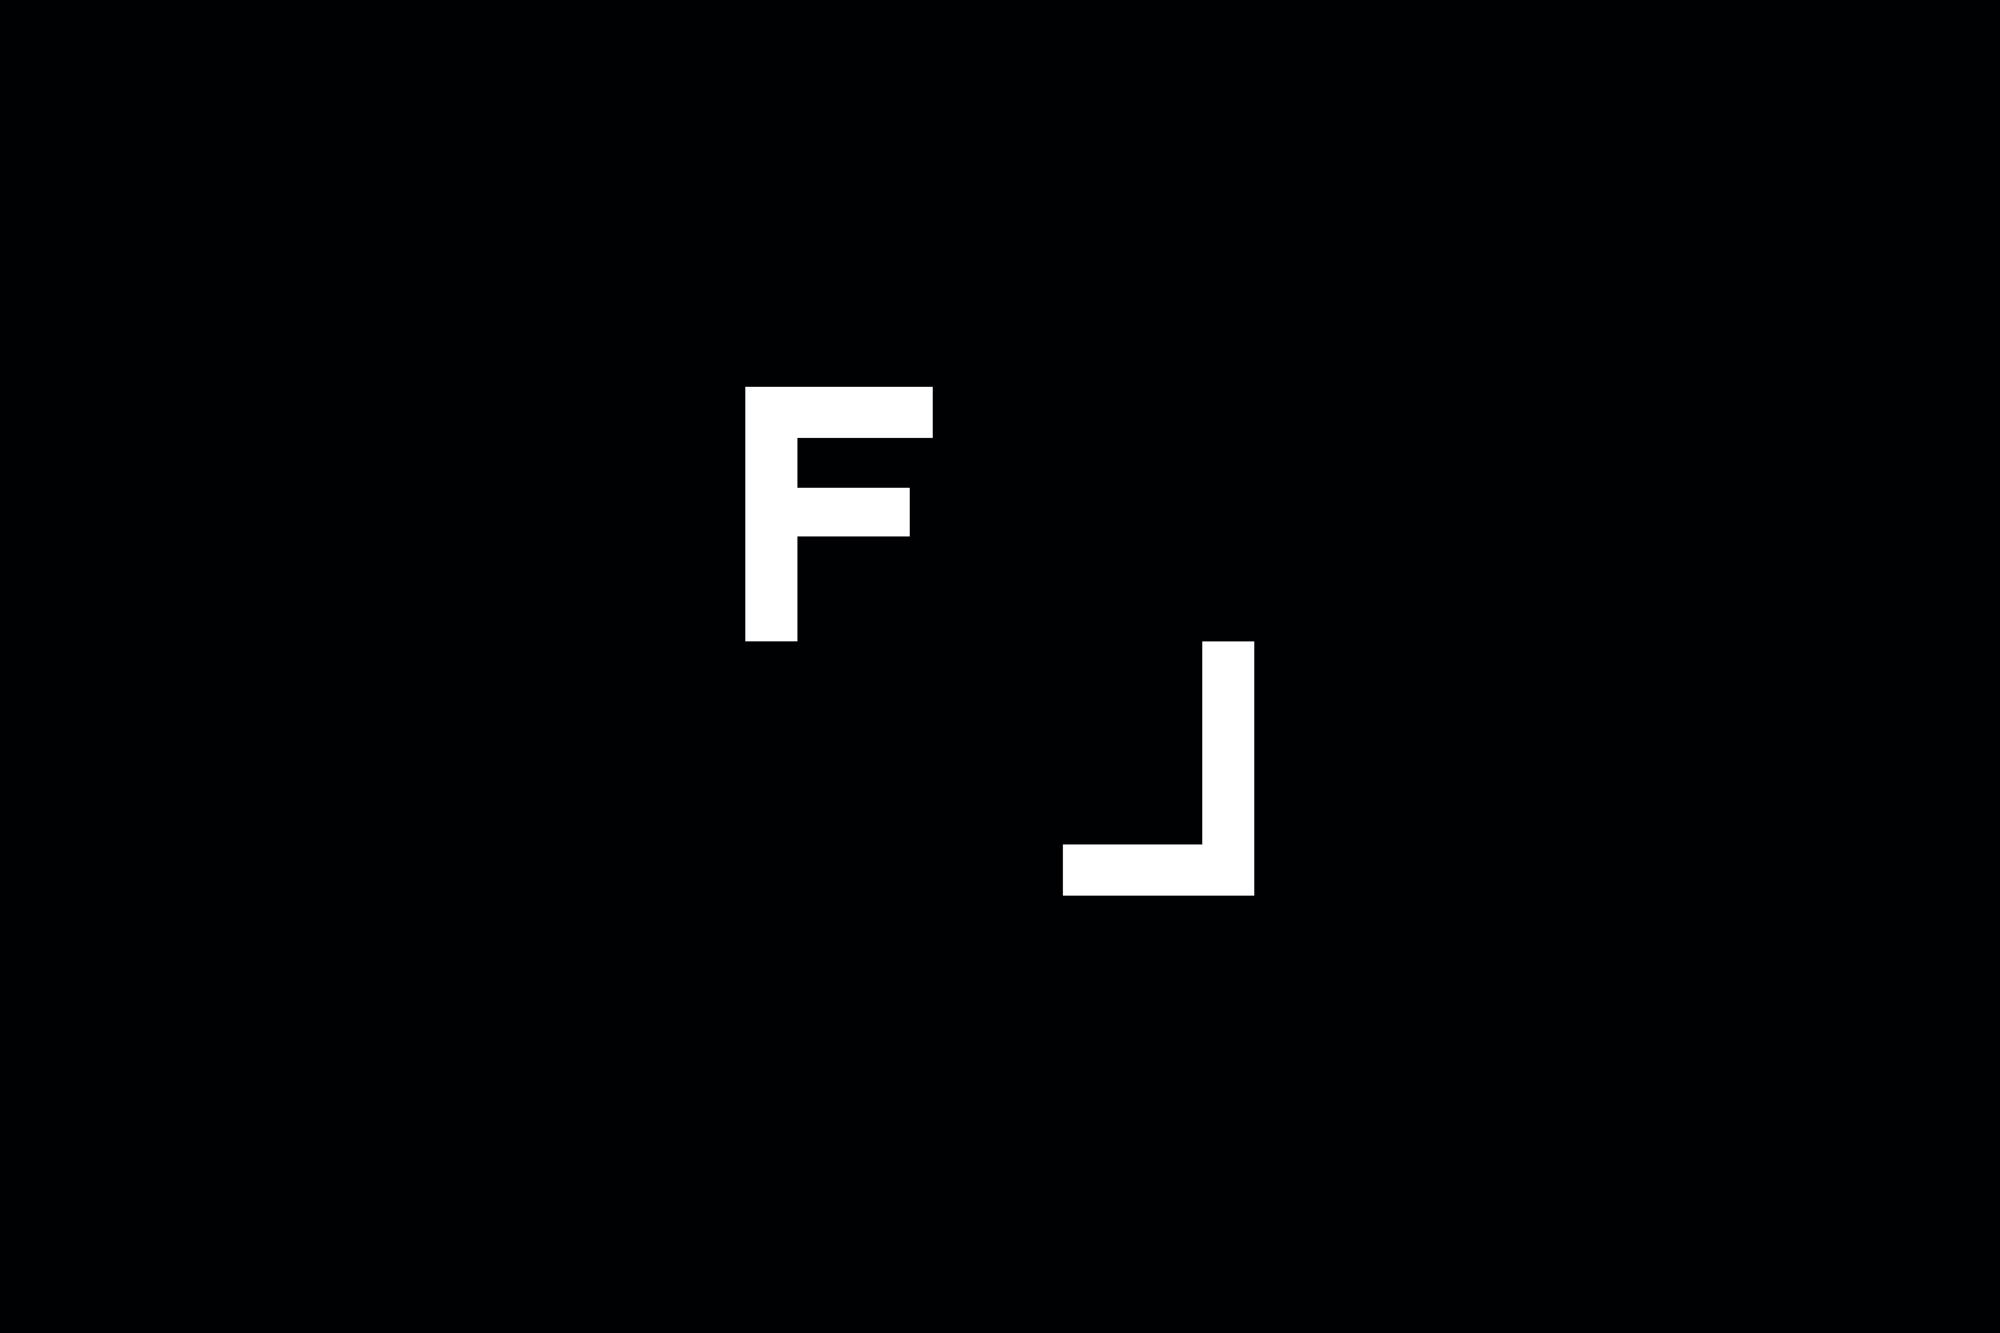 Frameline_Identity_Symbol.jpg